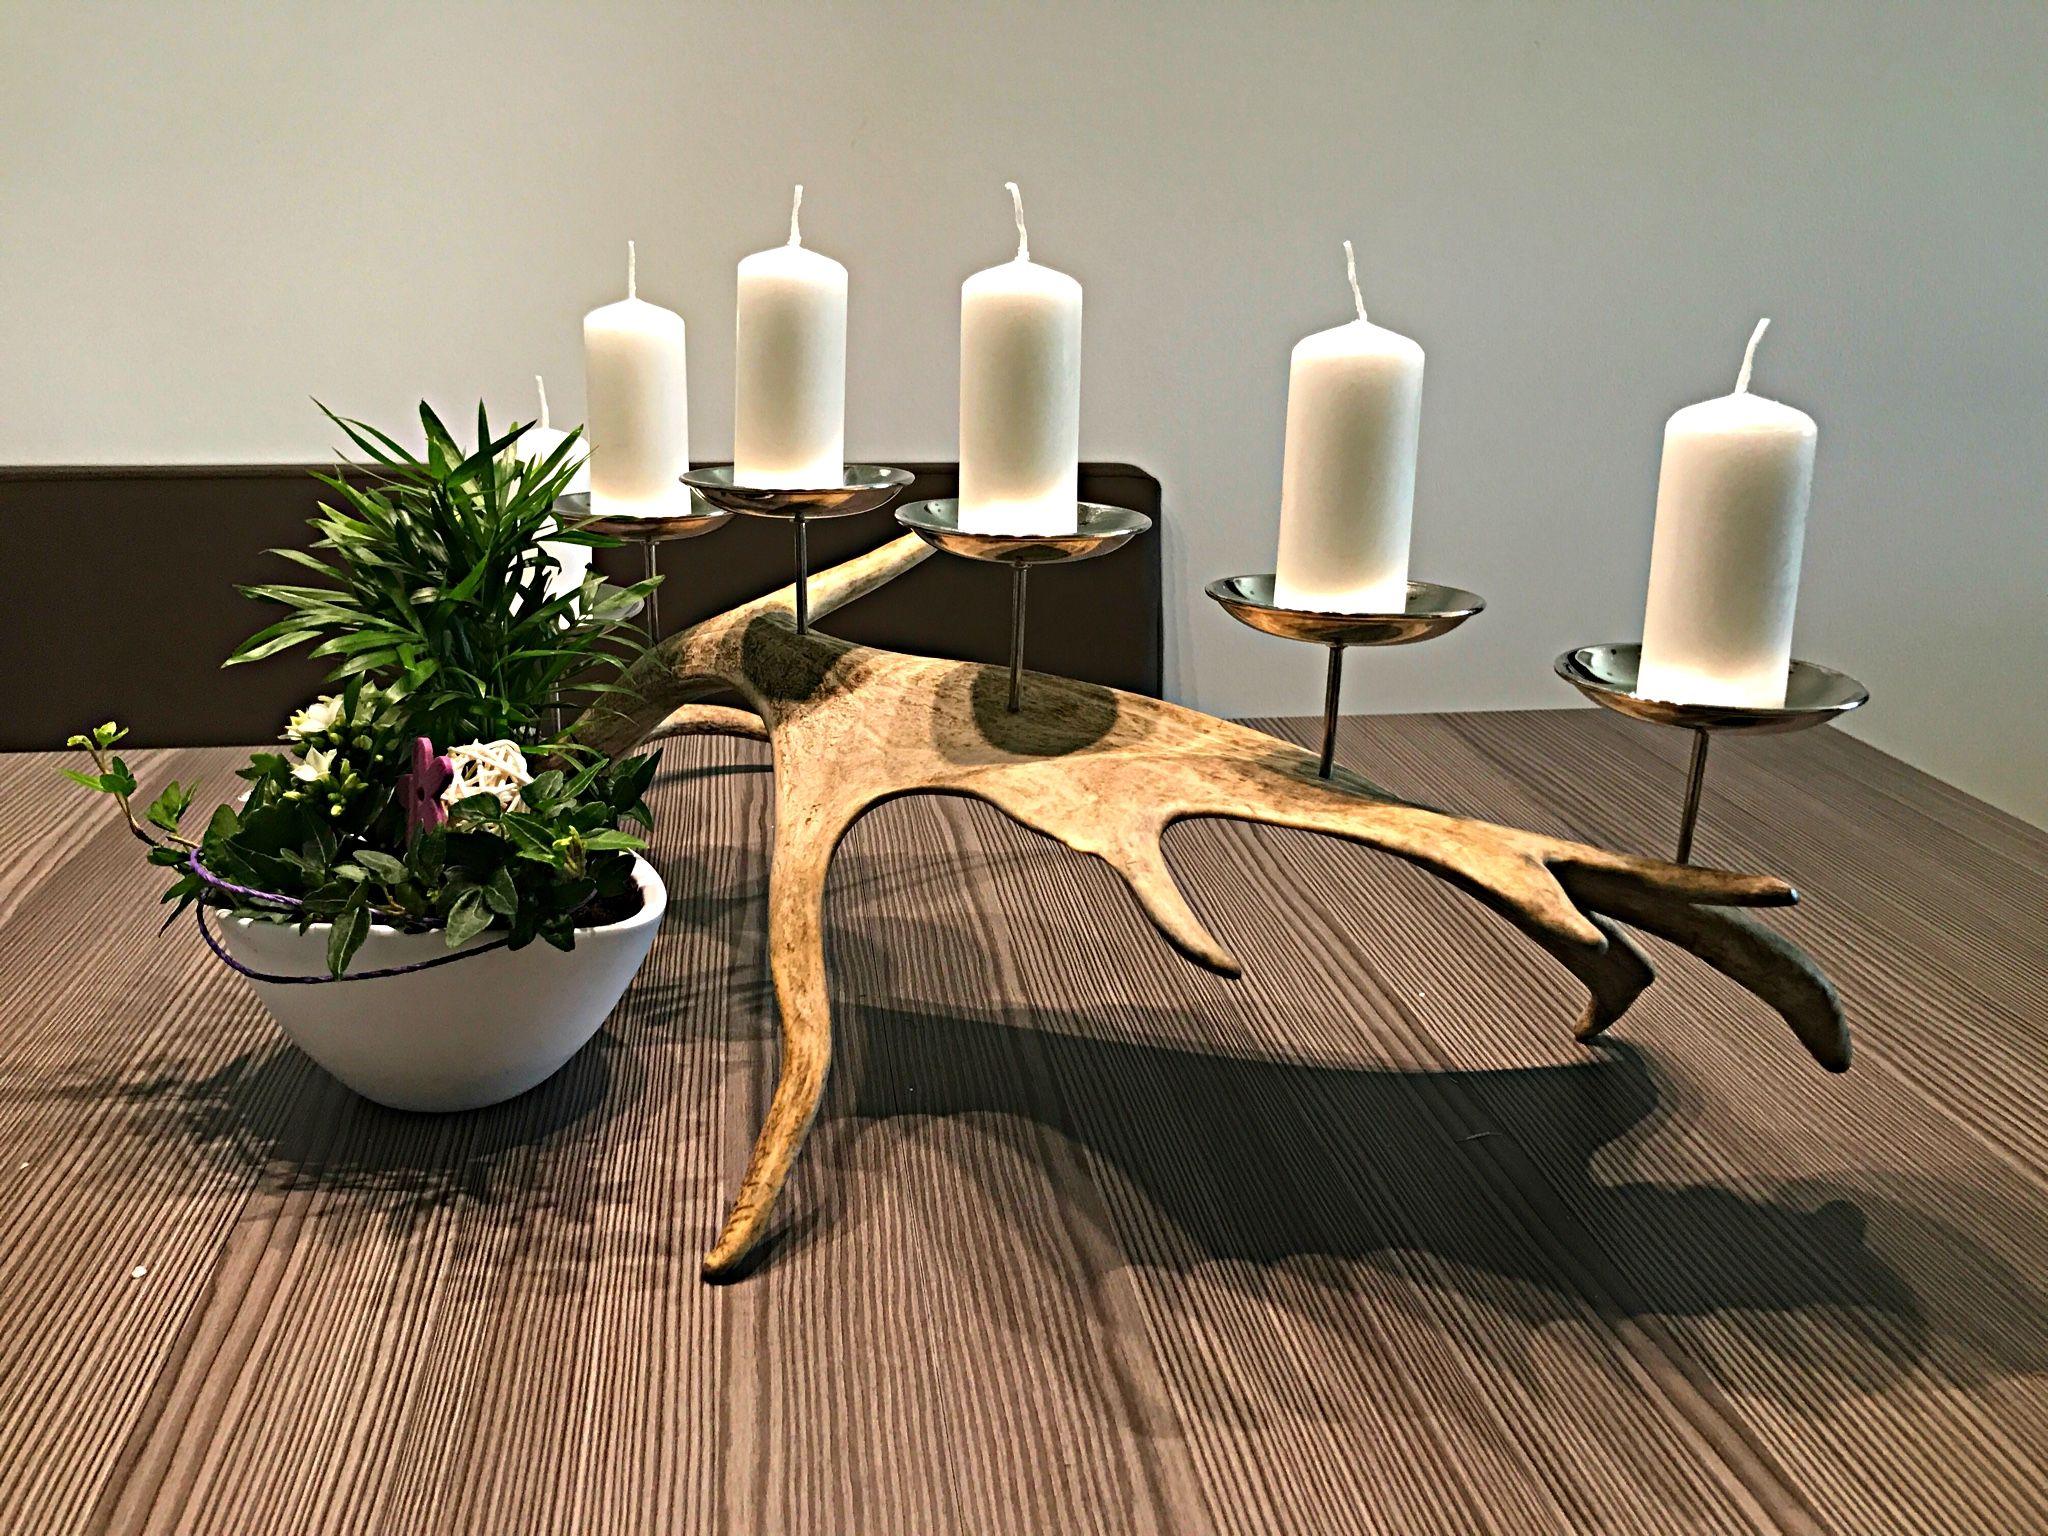 hirschgeweih deko wohnzimmer. Black Bedroom Furniture Sets. Home Design Ideas